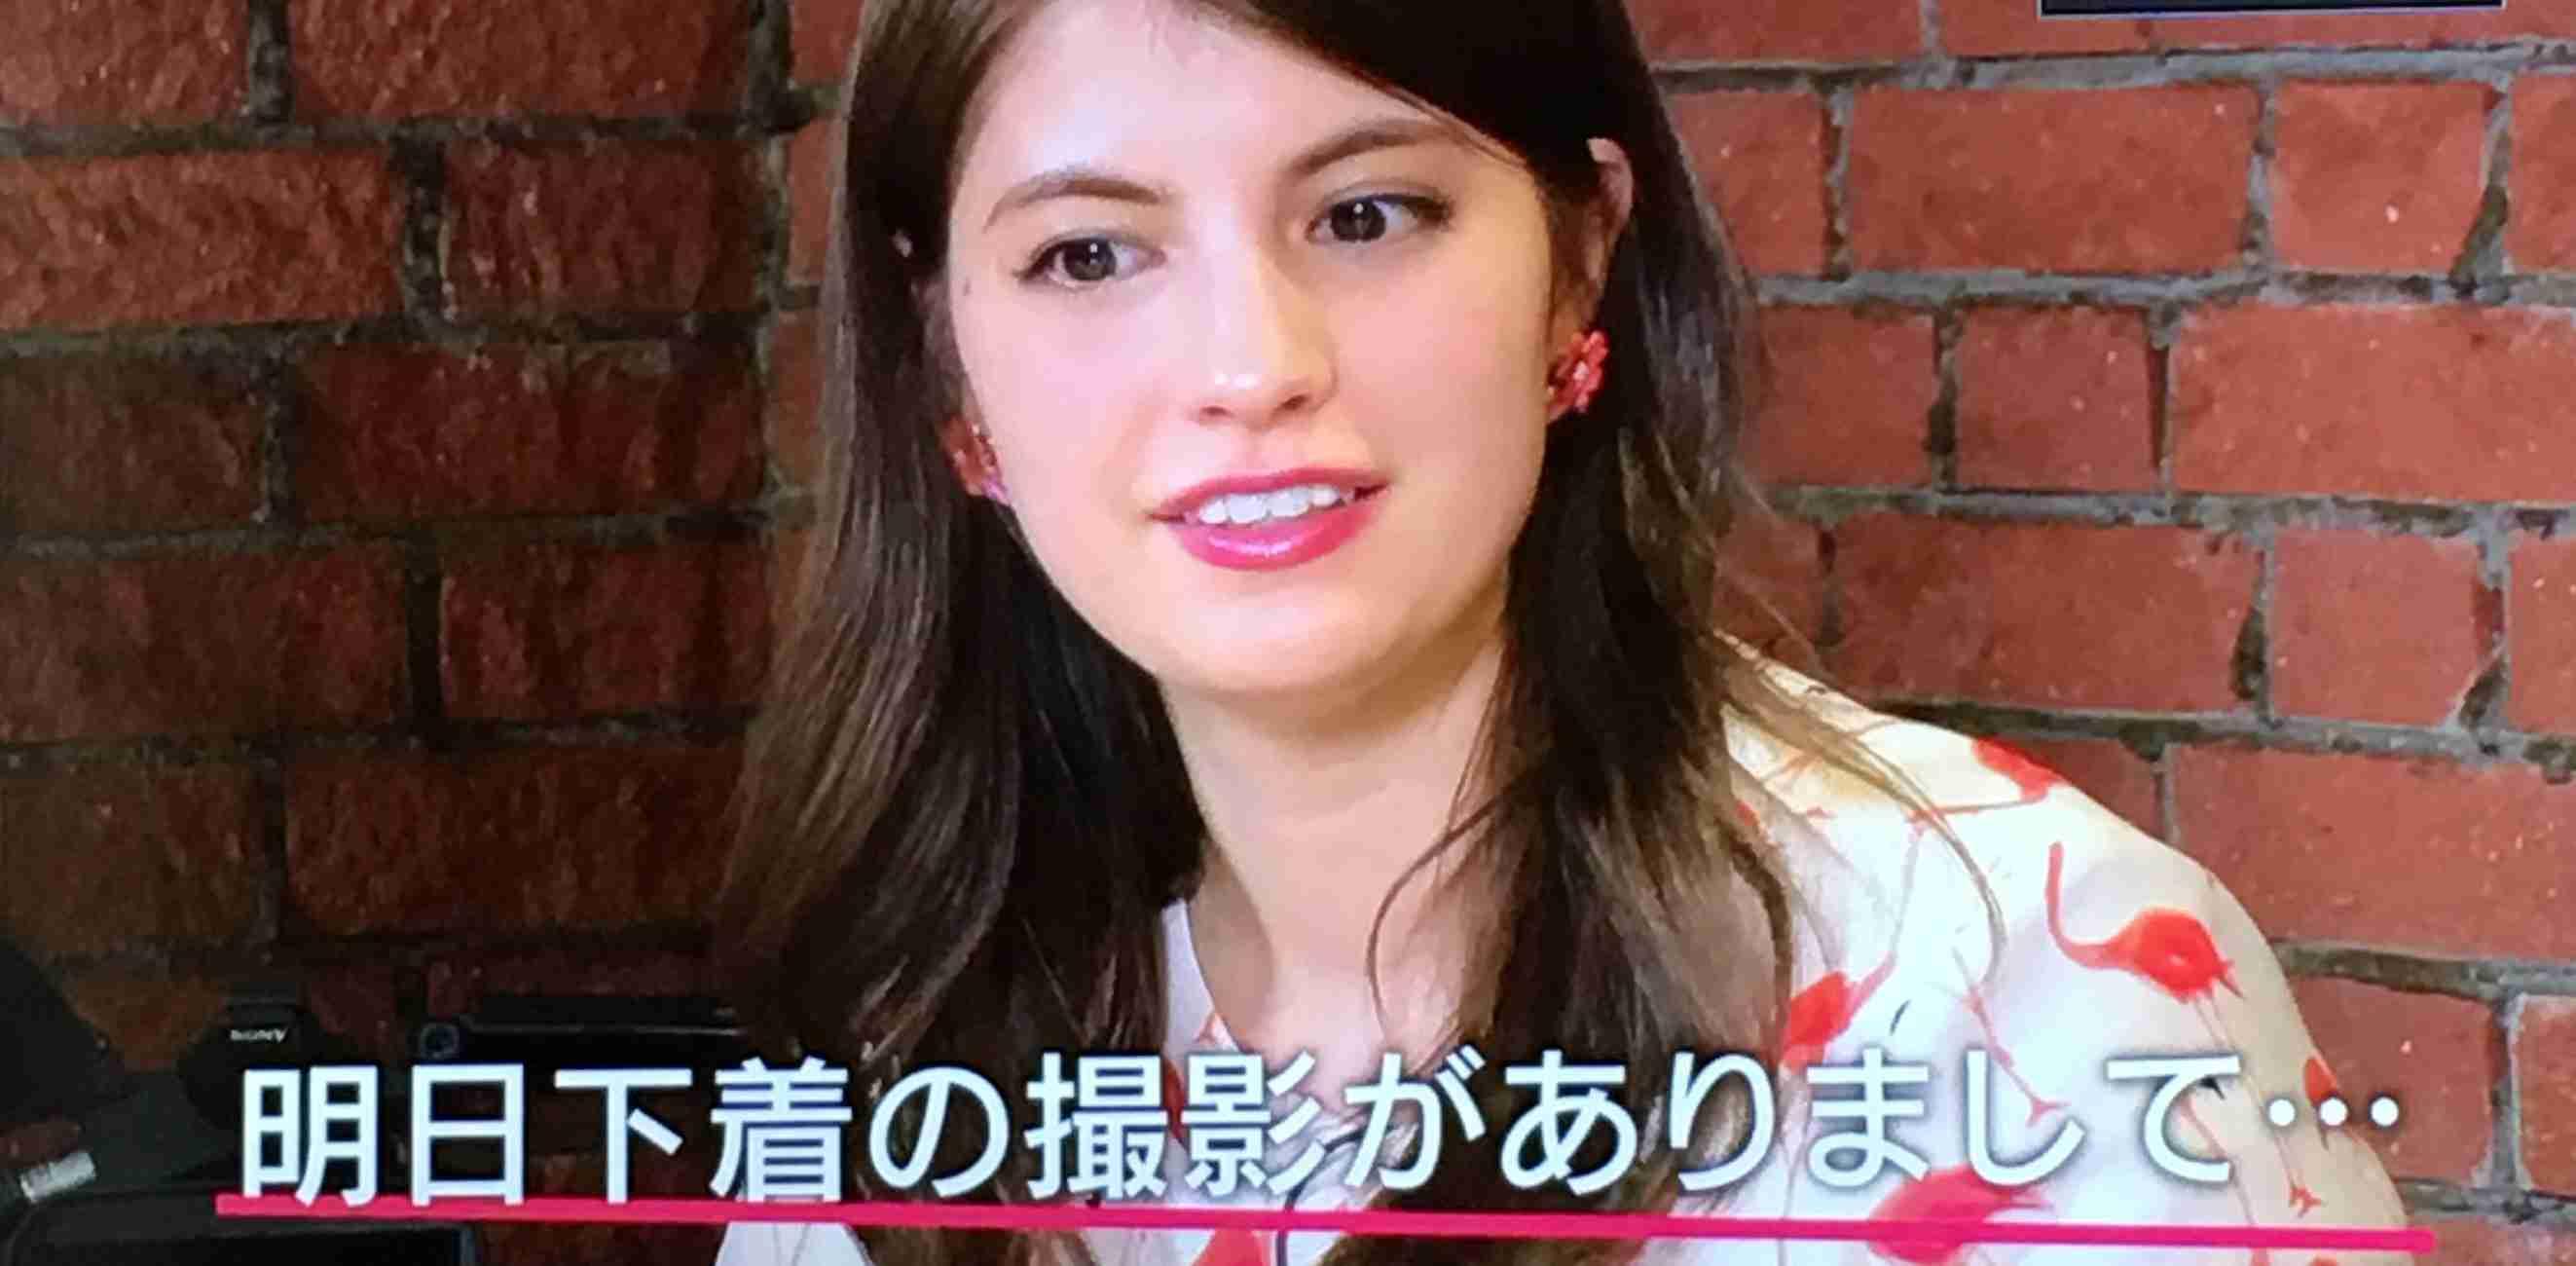 マギーが寿司の試食で職人を前にネタだけを食べる「私、上だけで」